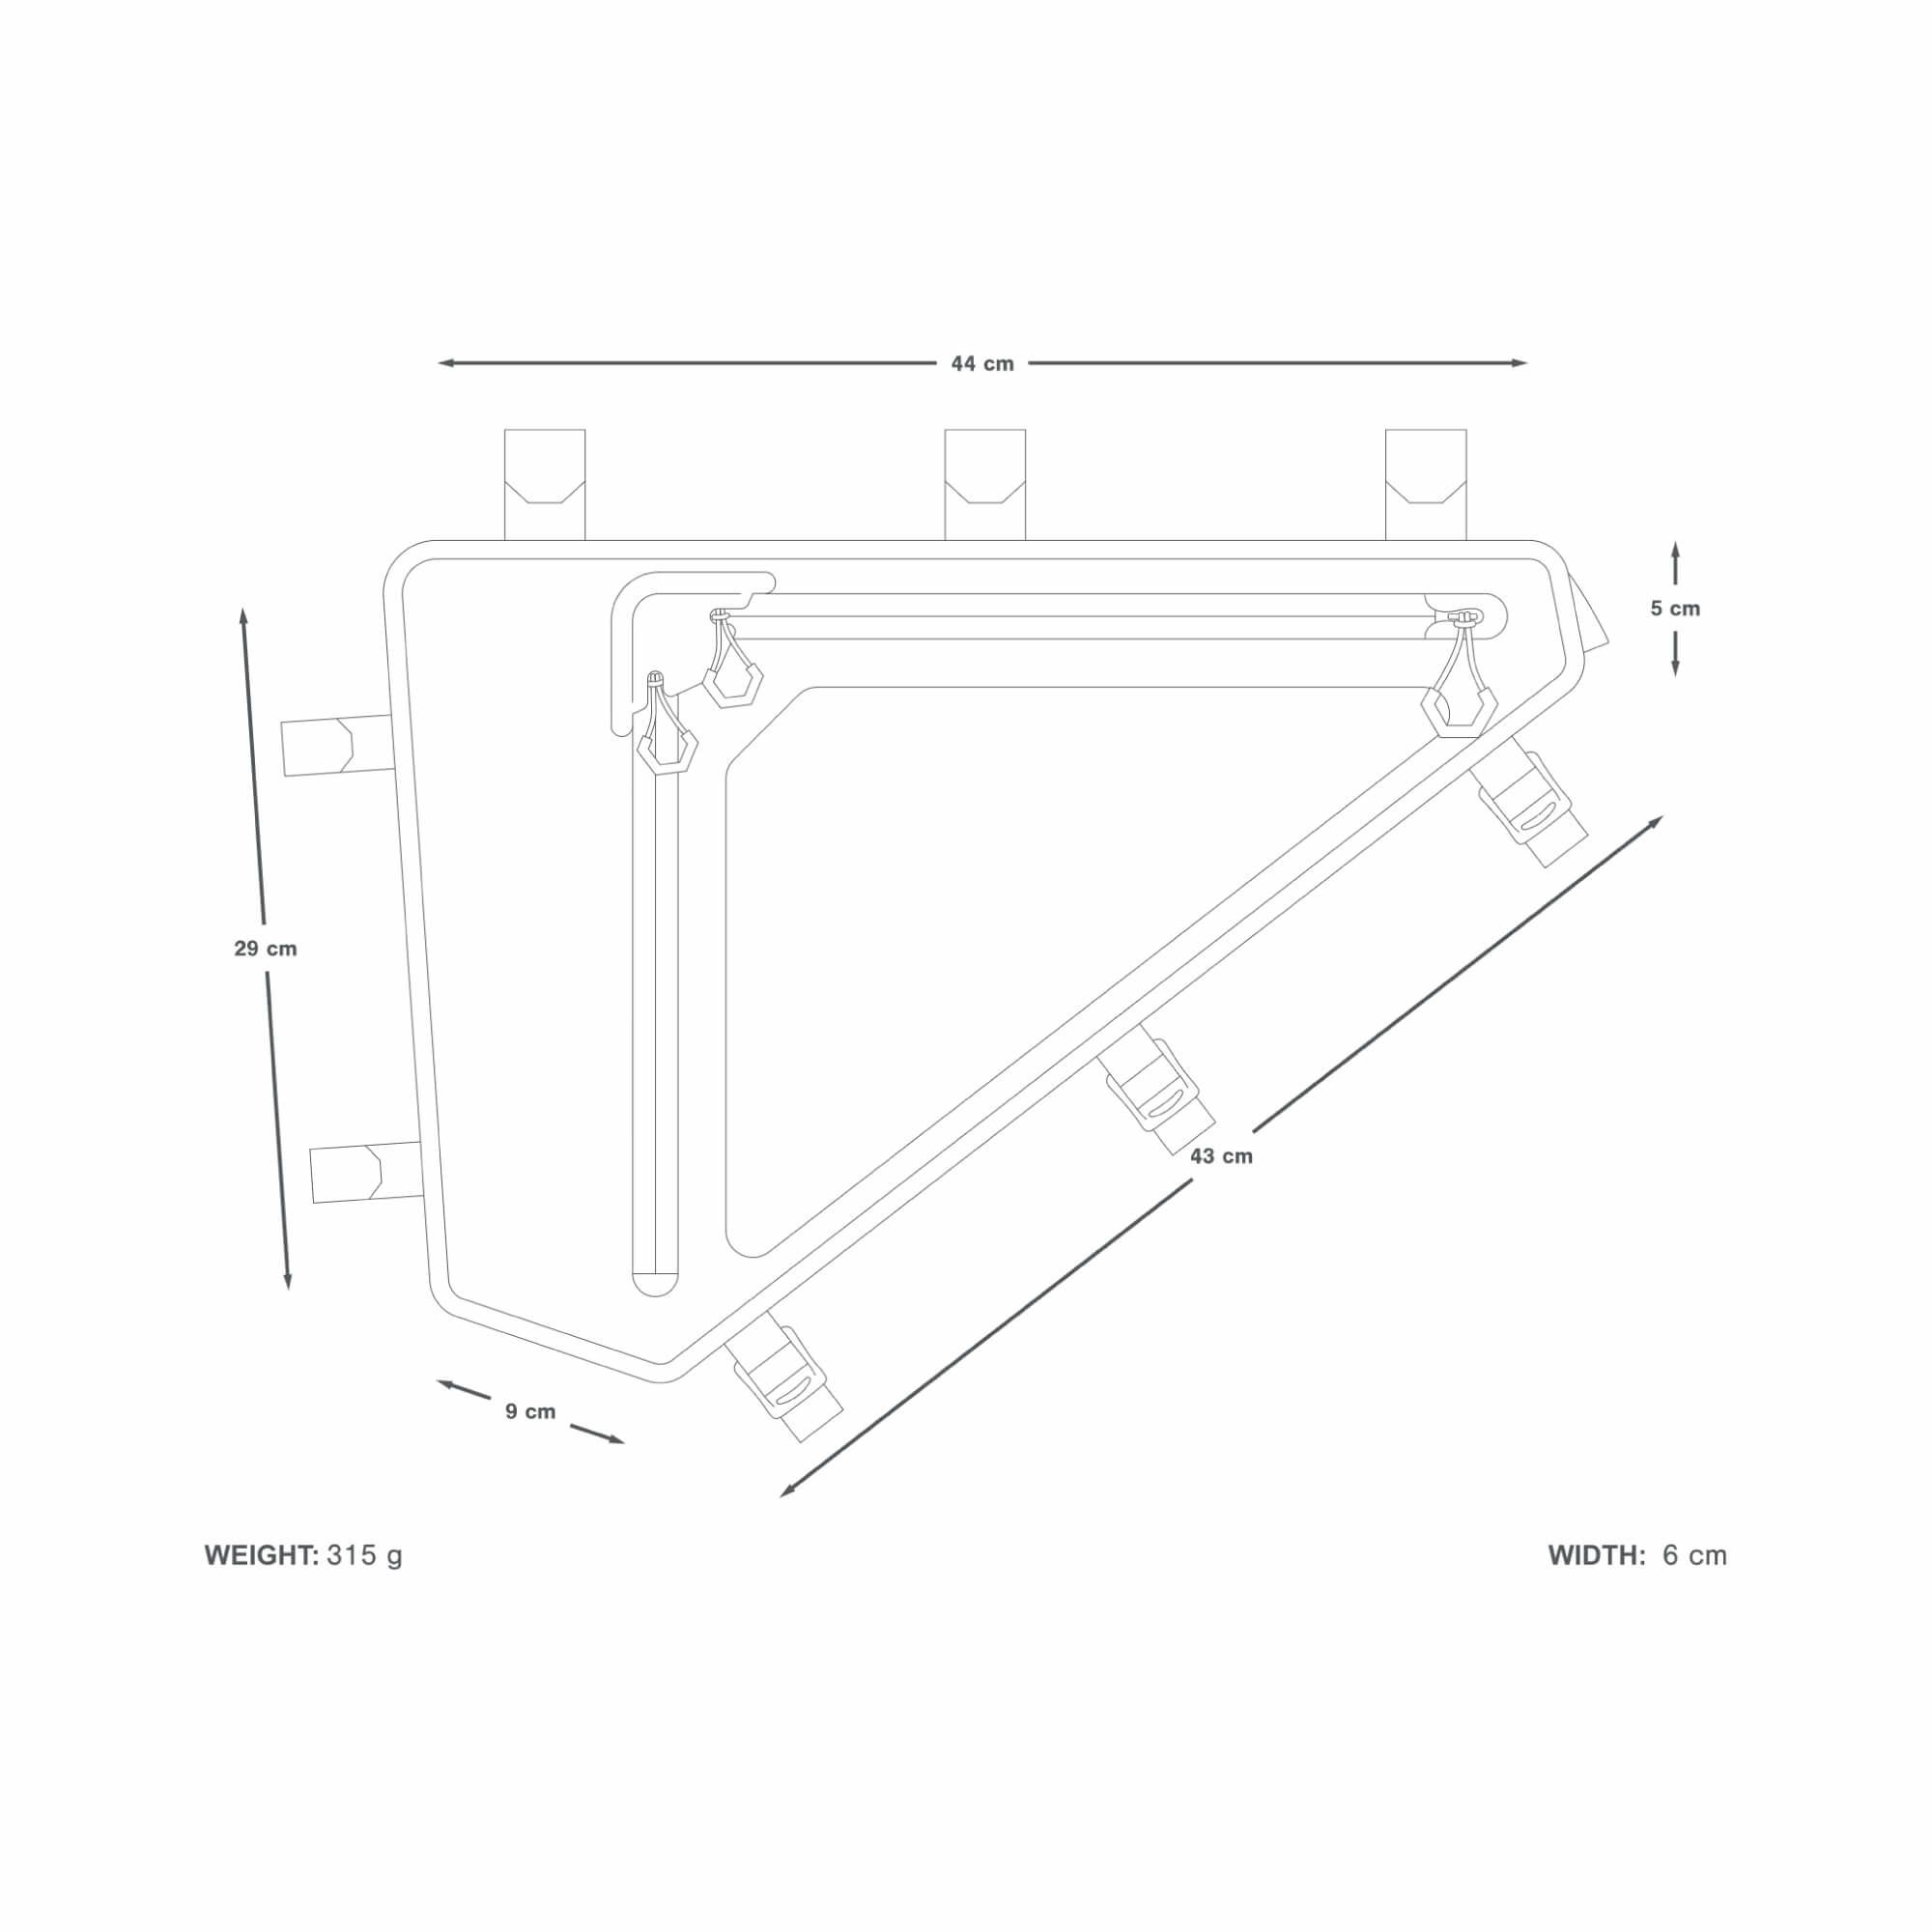 Backcountry2 Full Frame Pack 6 L-5